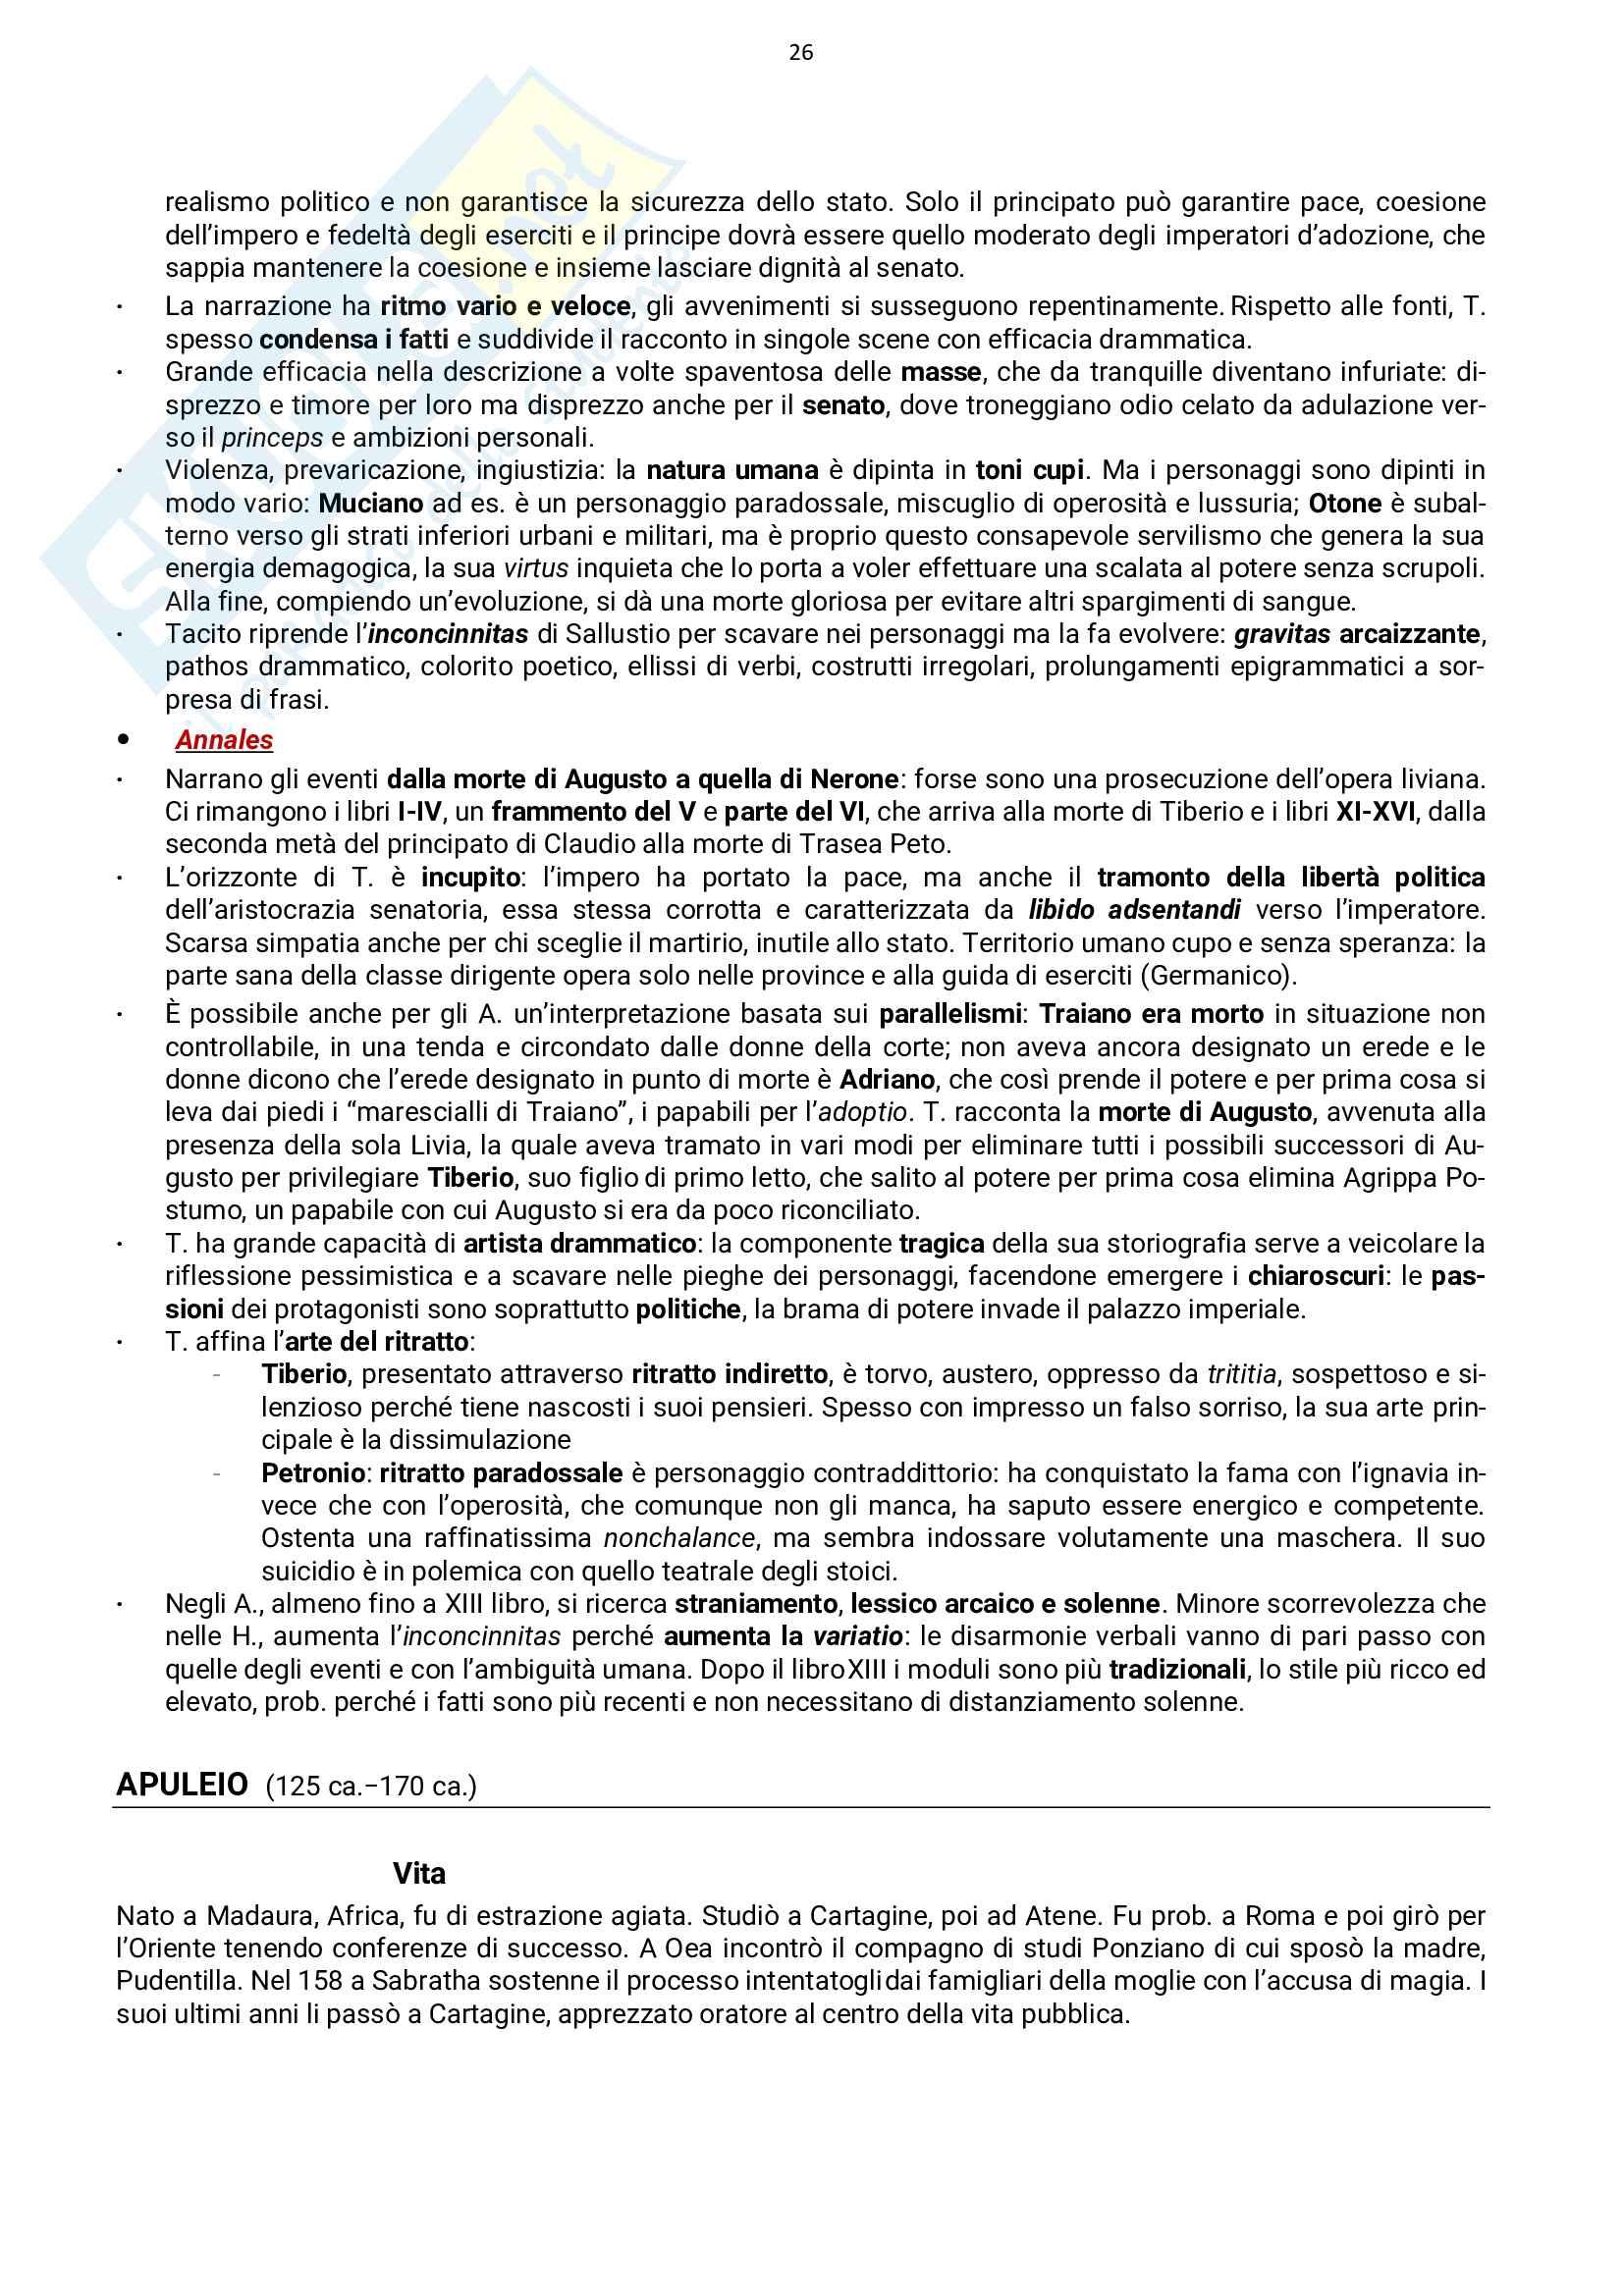 Autori latini: vita e opere, esame Letteratura Latina, prof. Stucchi, libro consigliato Conte Pag. 26